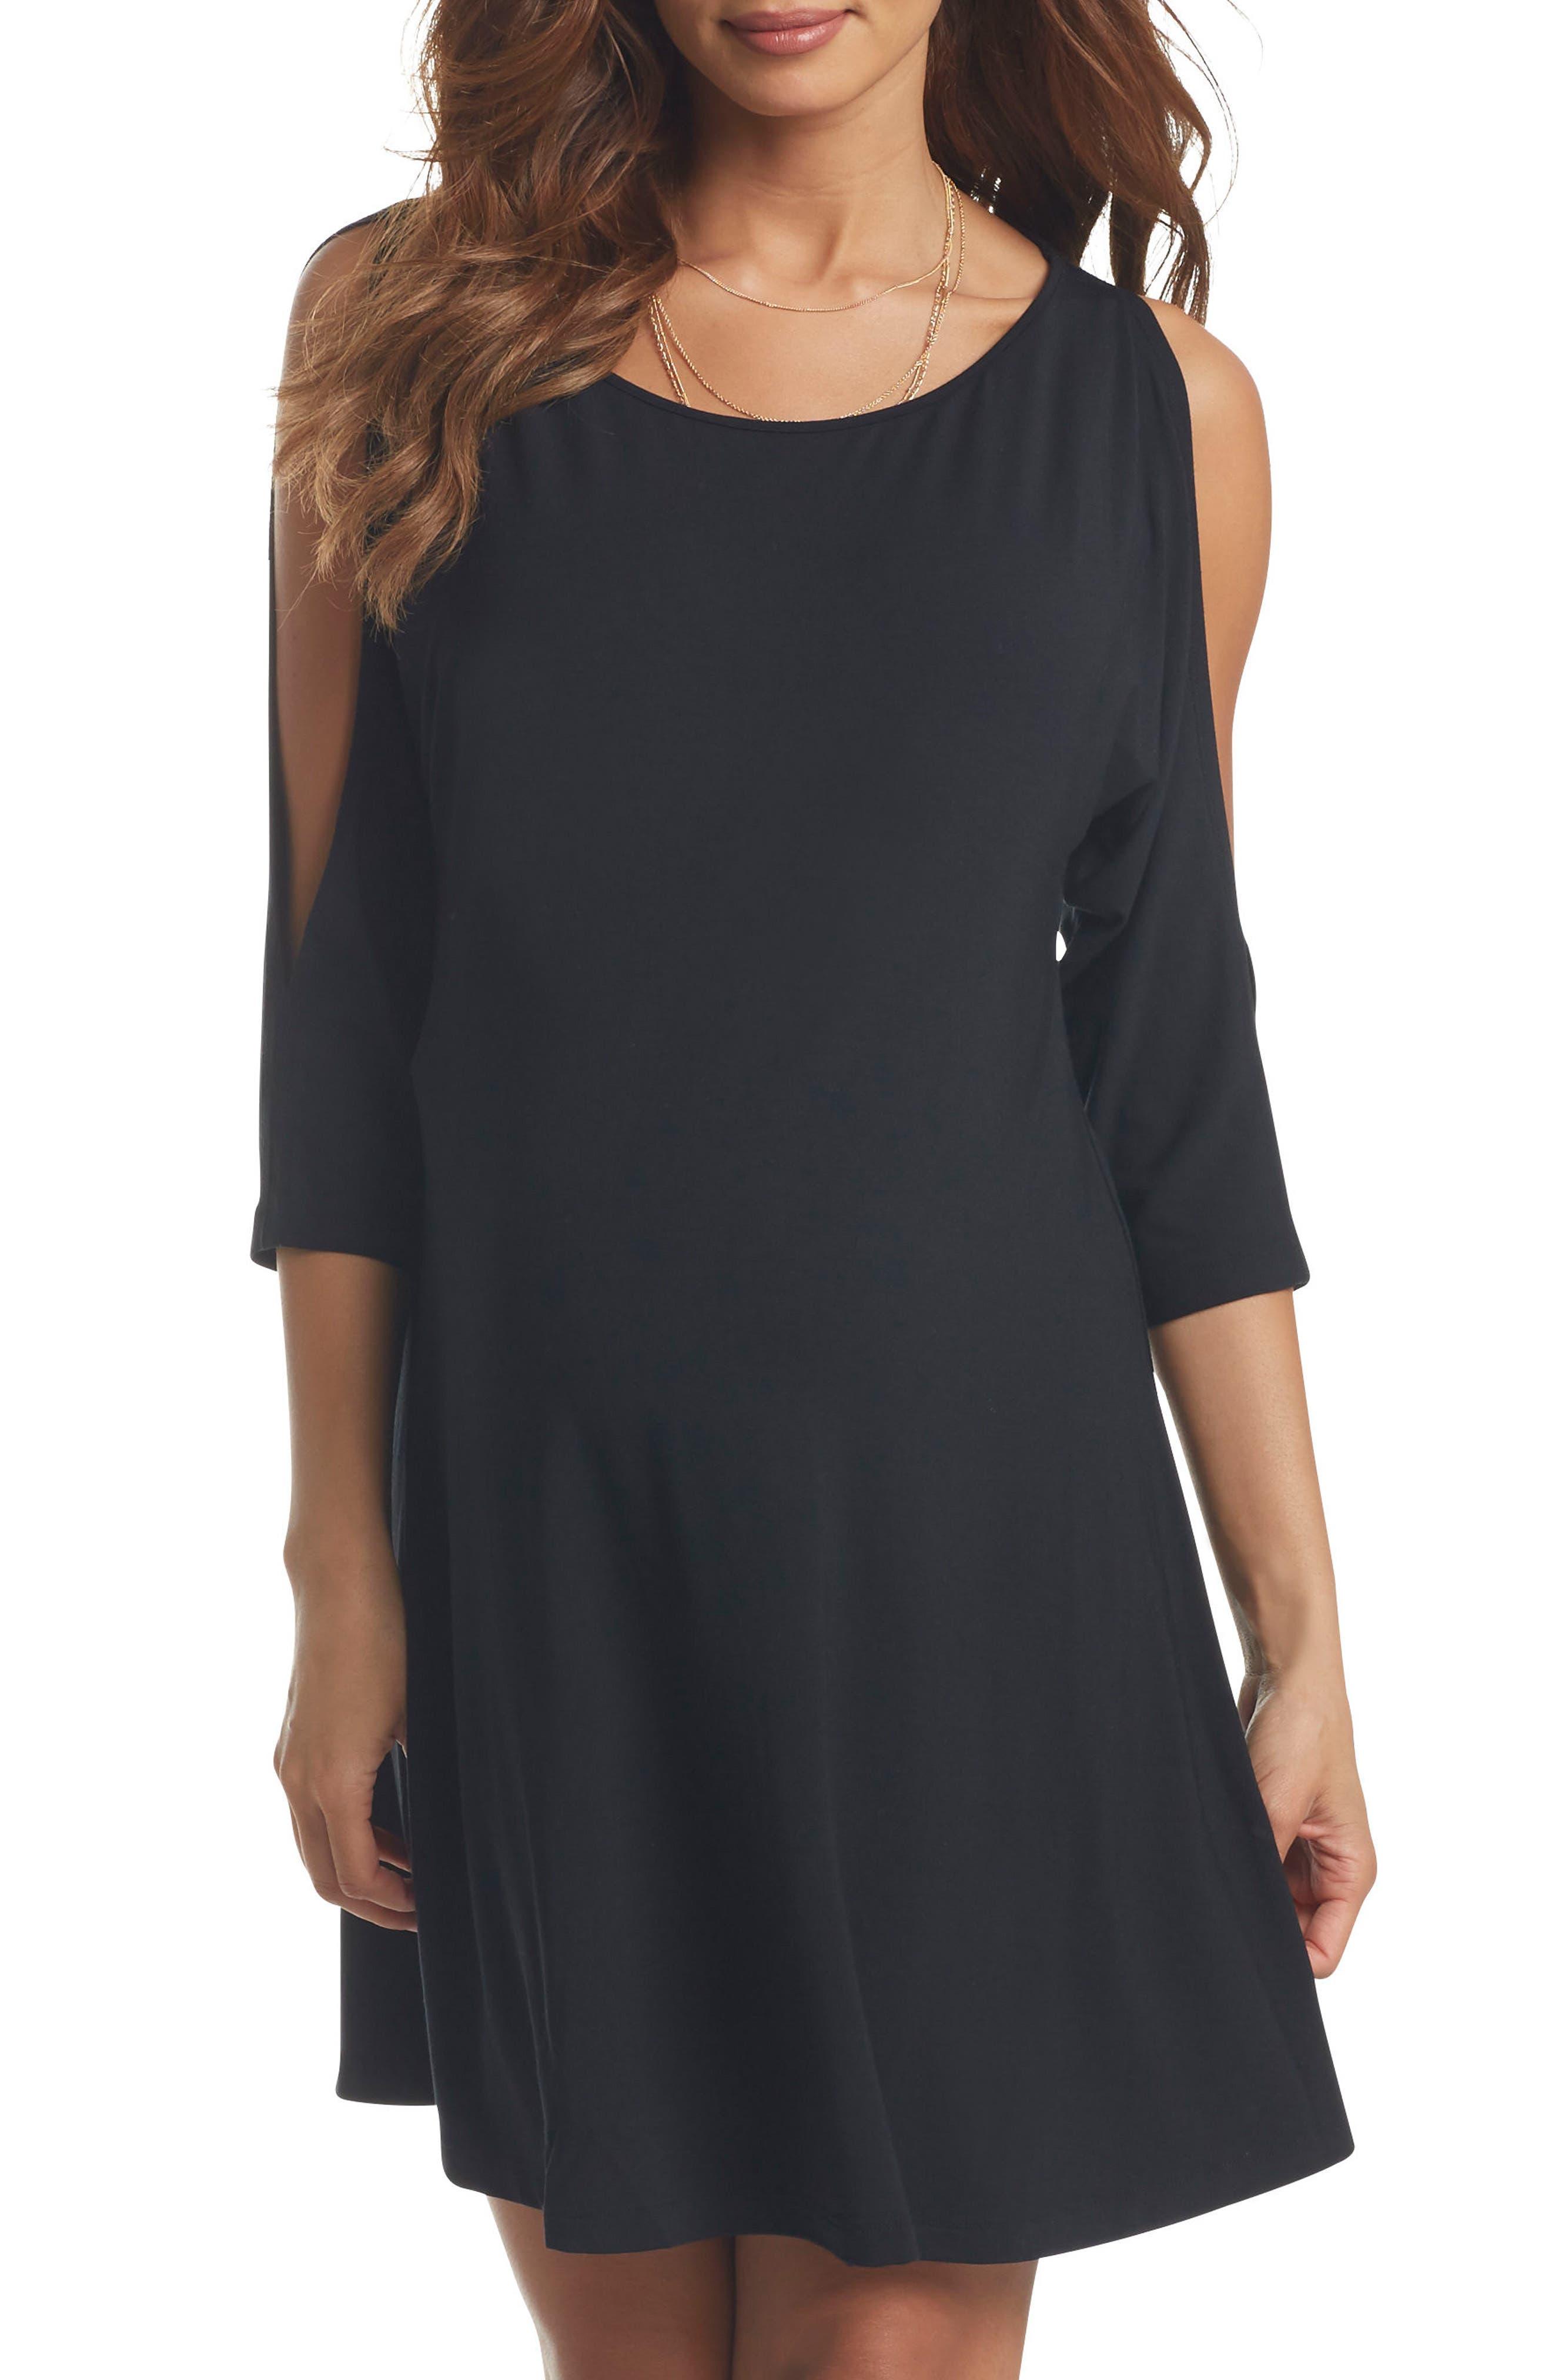 Naya Cold Shoulder Maternity Dress,                             Main thumbnail 1, color,                             BLACK